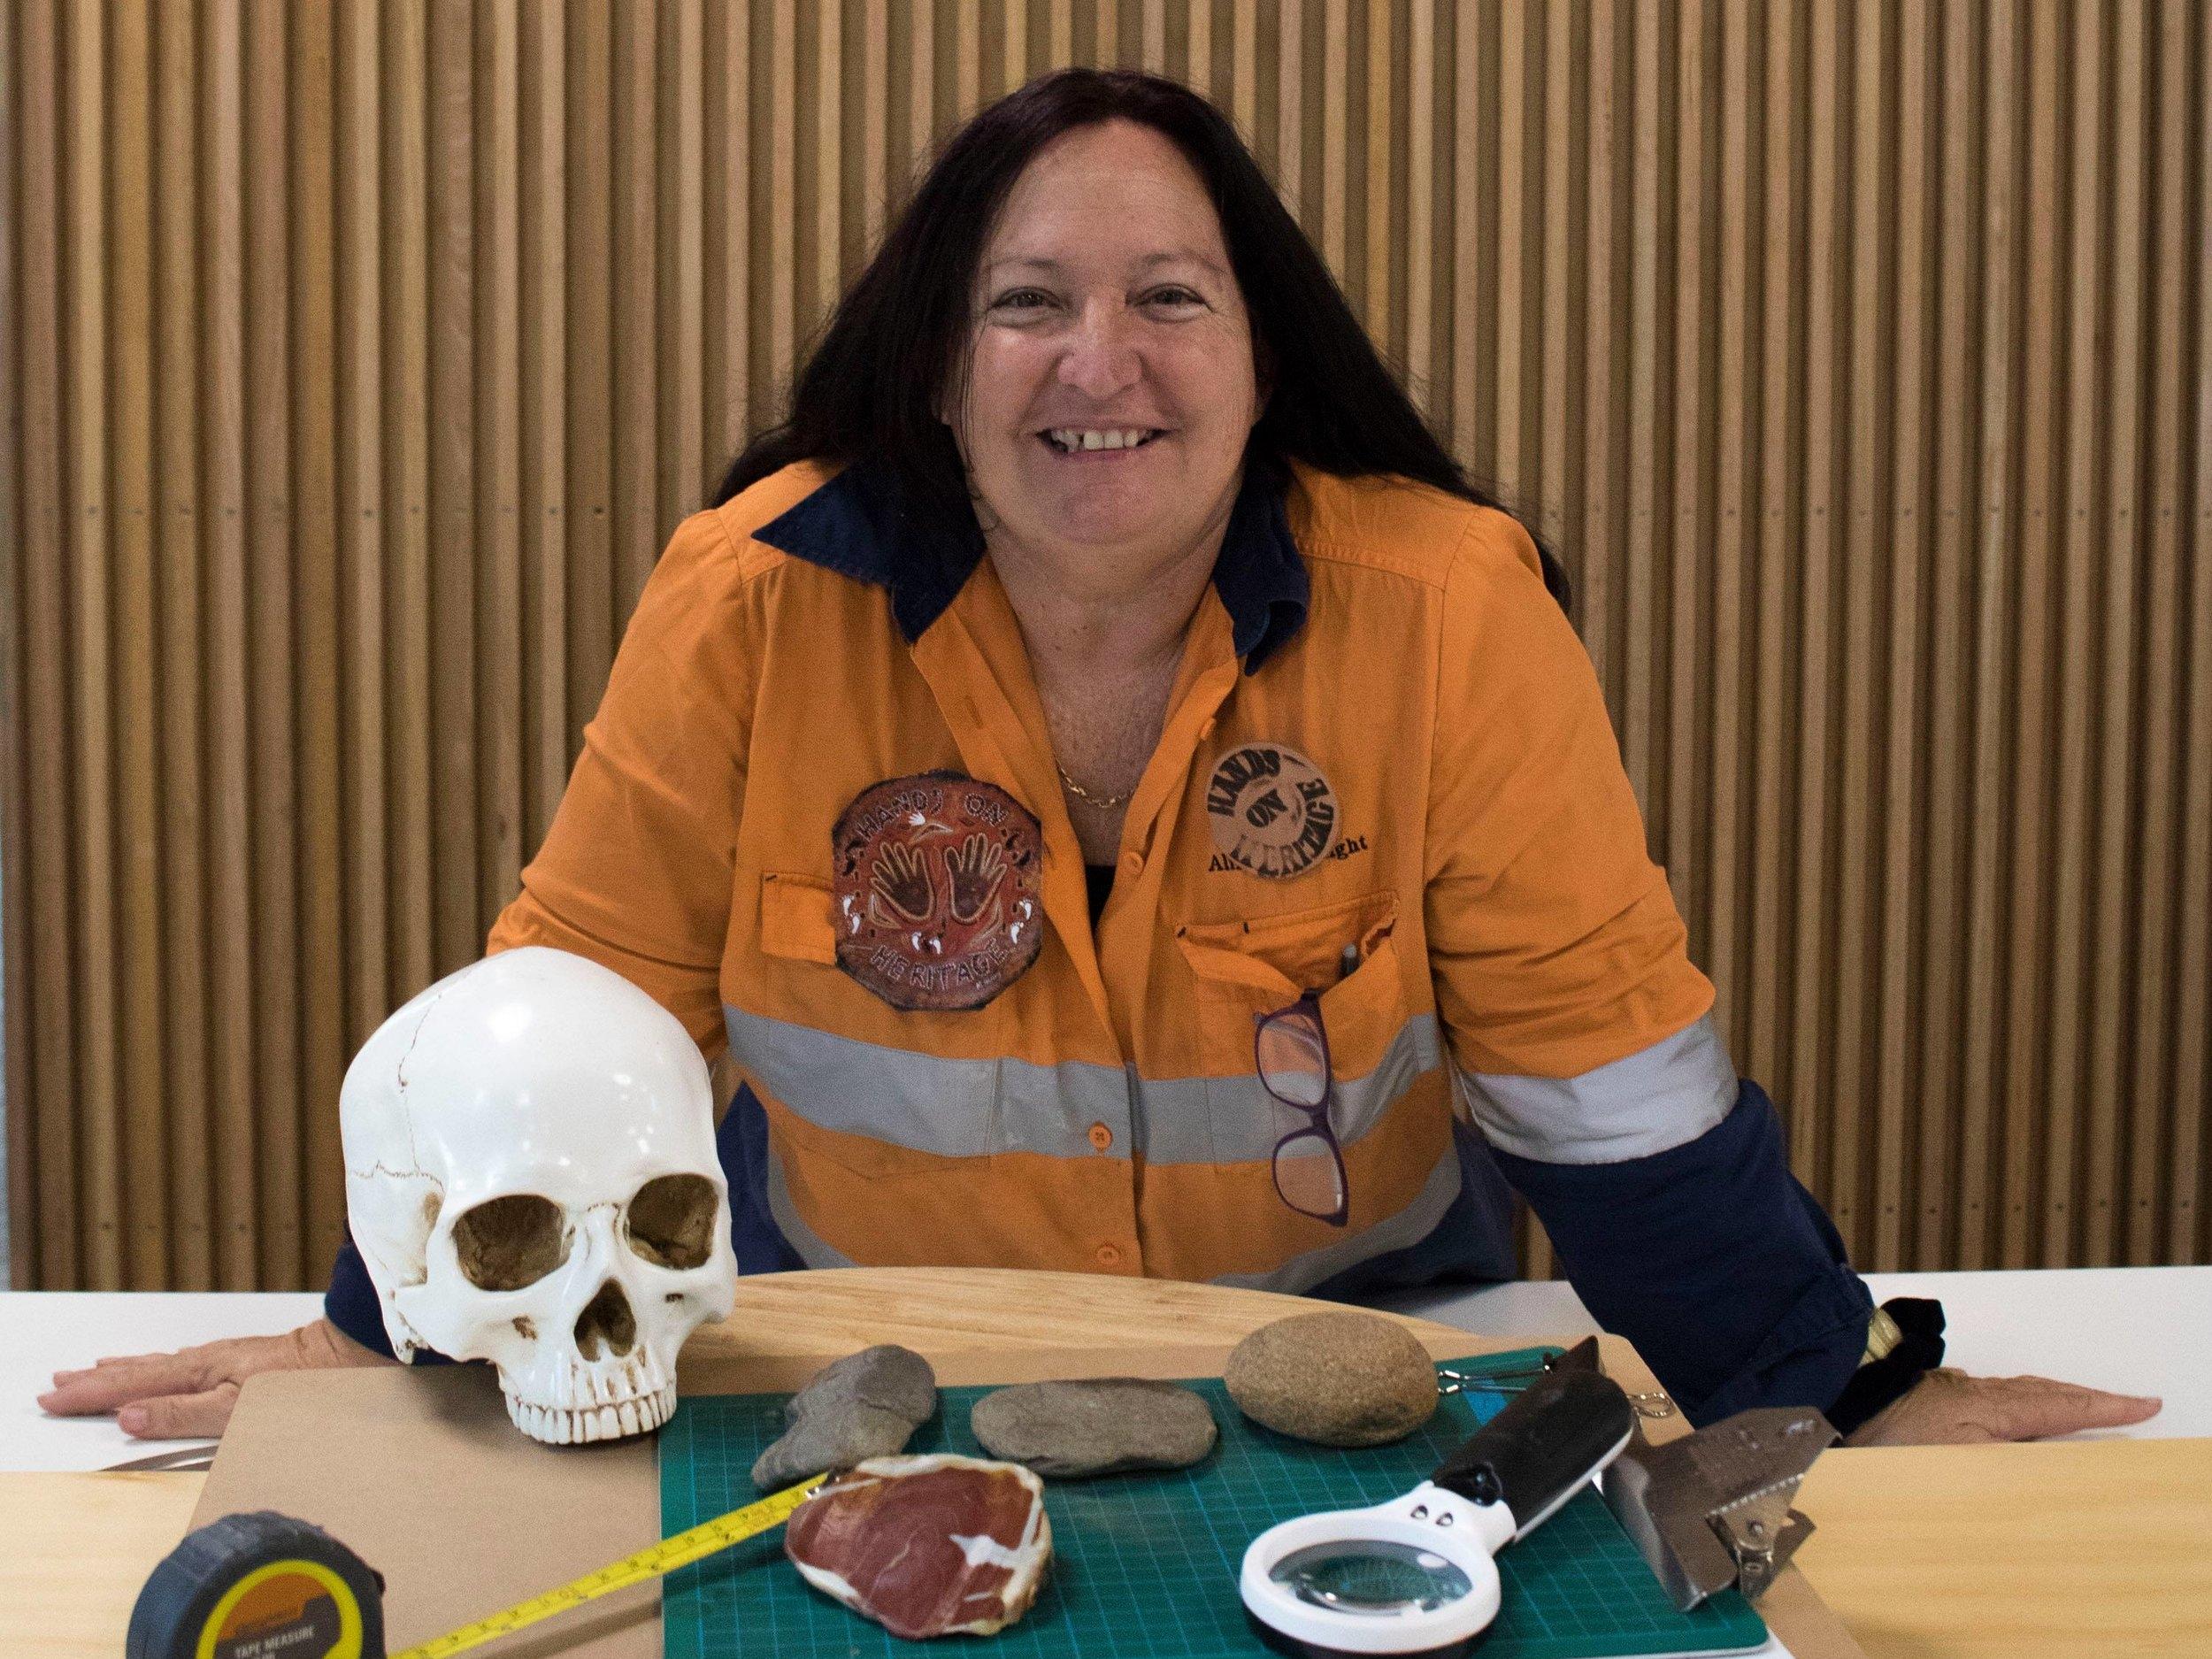 Jacinta Warland - Recipient of the Over 50's Women's Adventure Grant